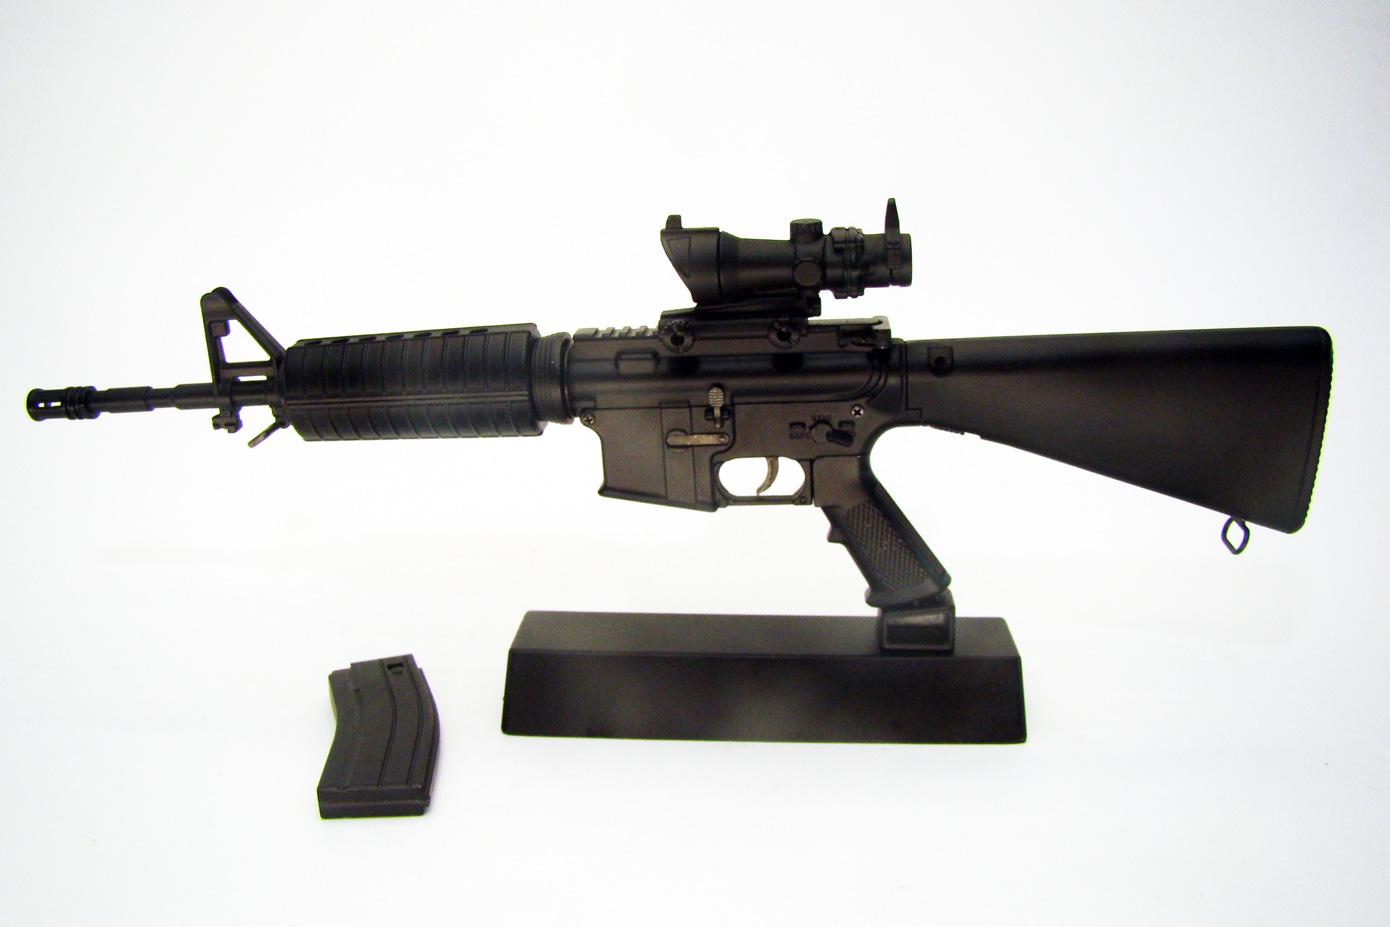 Colt AR15 изображение 4